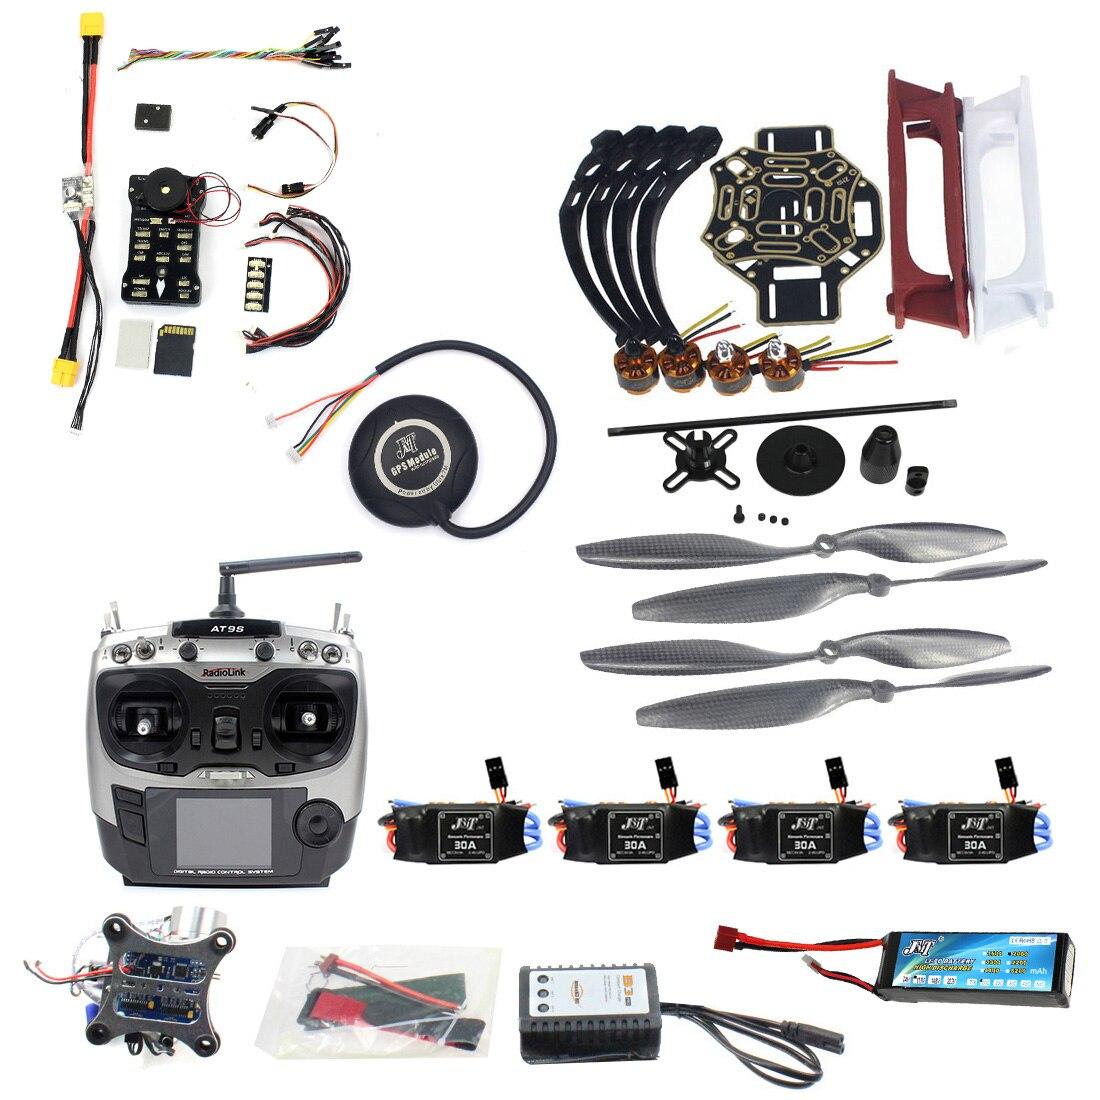 FAI DA TE FPV Drone Quadcopter 4 assi Aereo Kit F450 450 Telaio PXI PX4 di Controllo di Volo 920KV Motore GPS AT9S trasmettitore